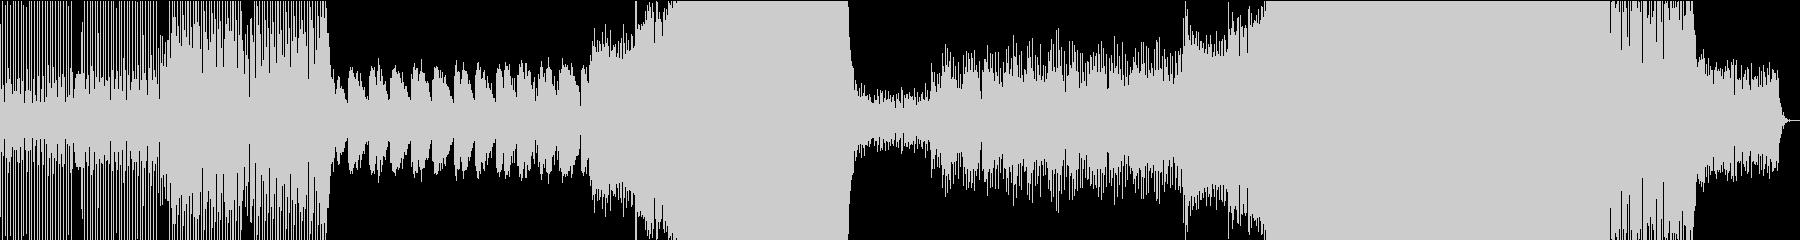 メロディアスで爽やかな美メロEDMの未再生の波形